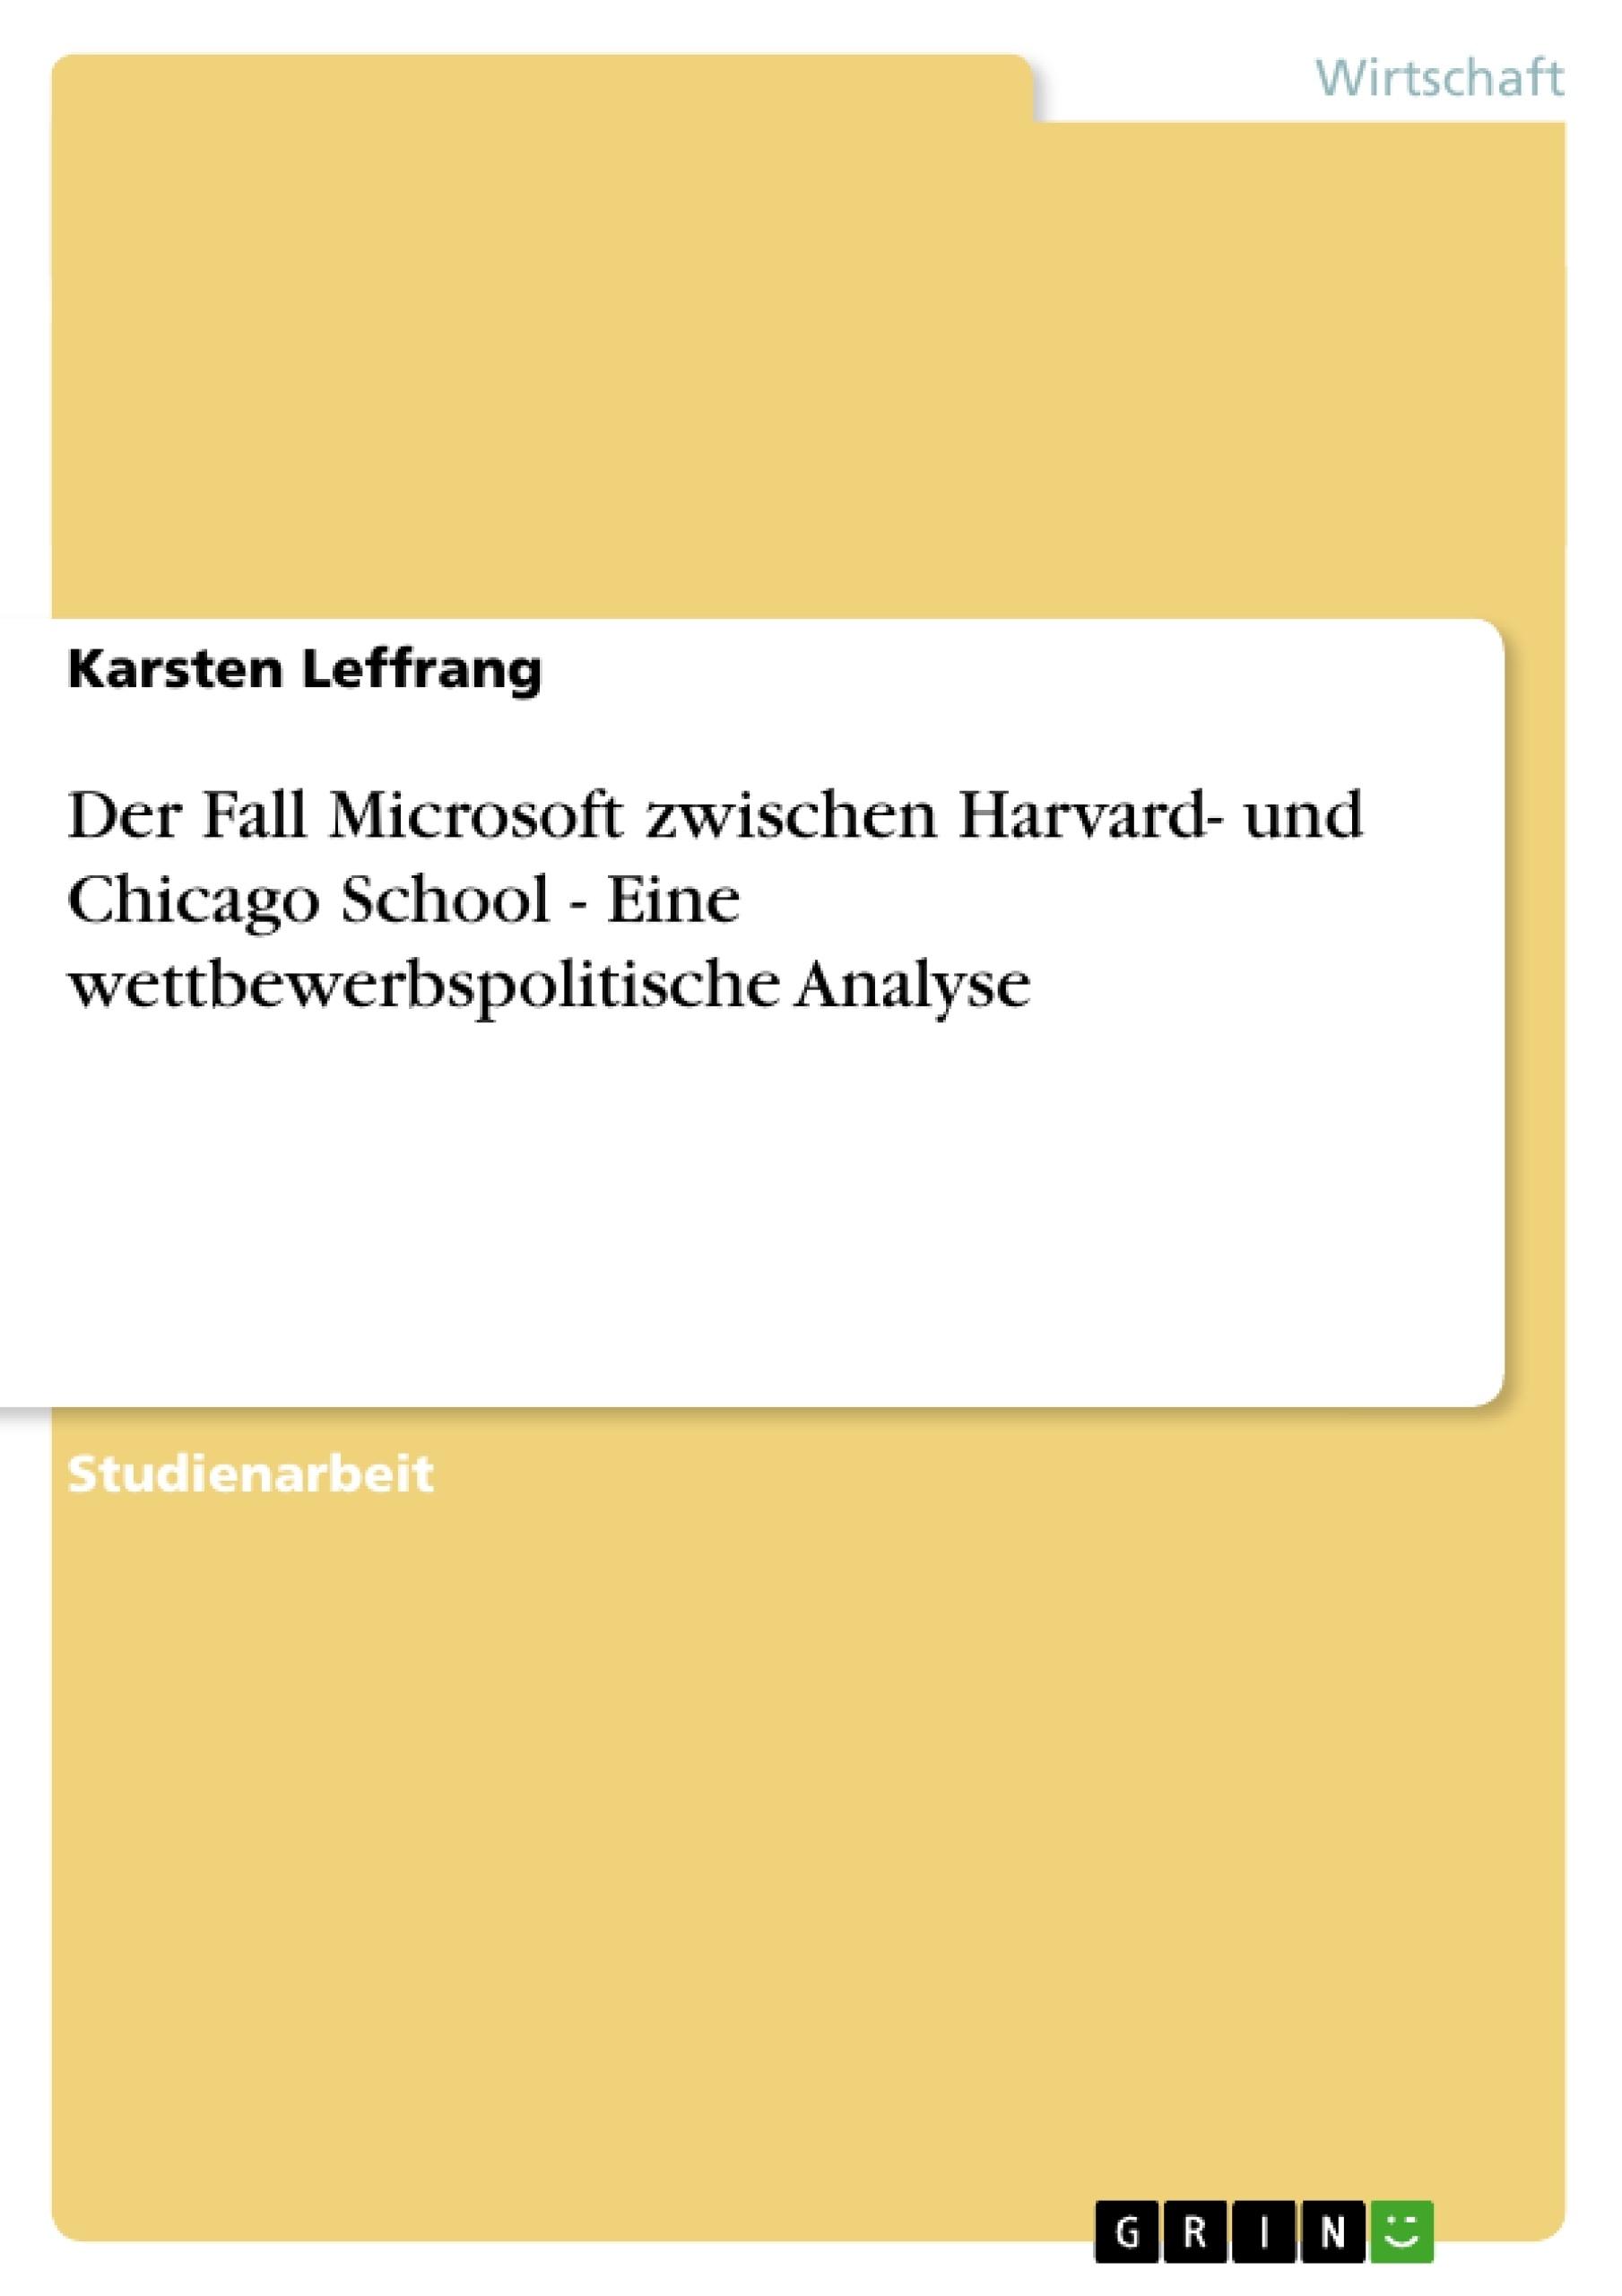 Titel: Der Fall Microsoft zwischen Harvard- und Chicago School - Eine wettbewerbspolitische Analyse